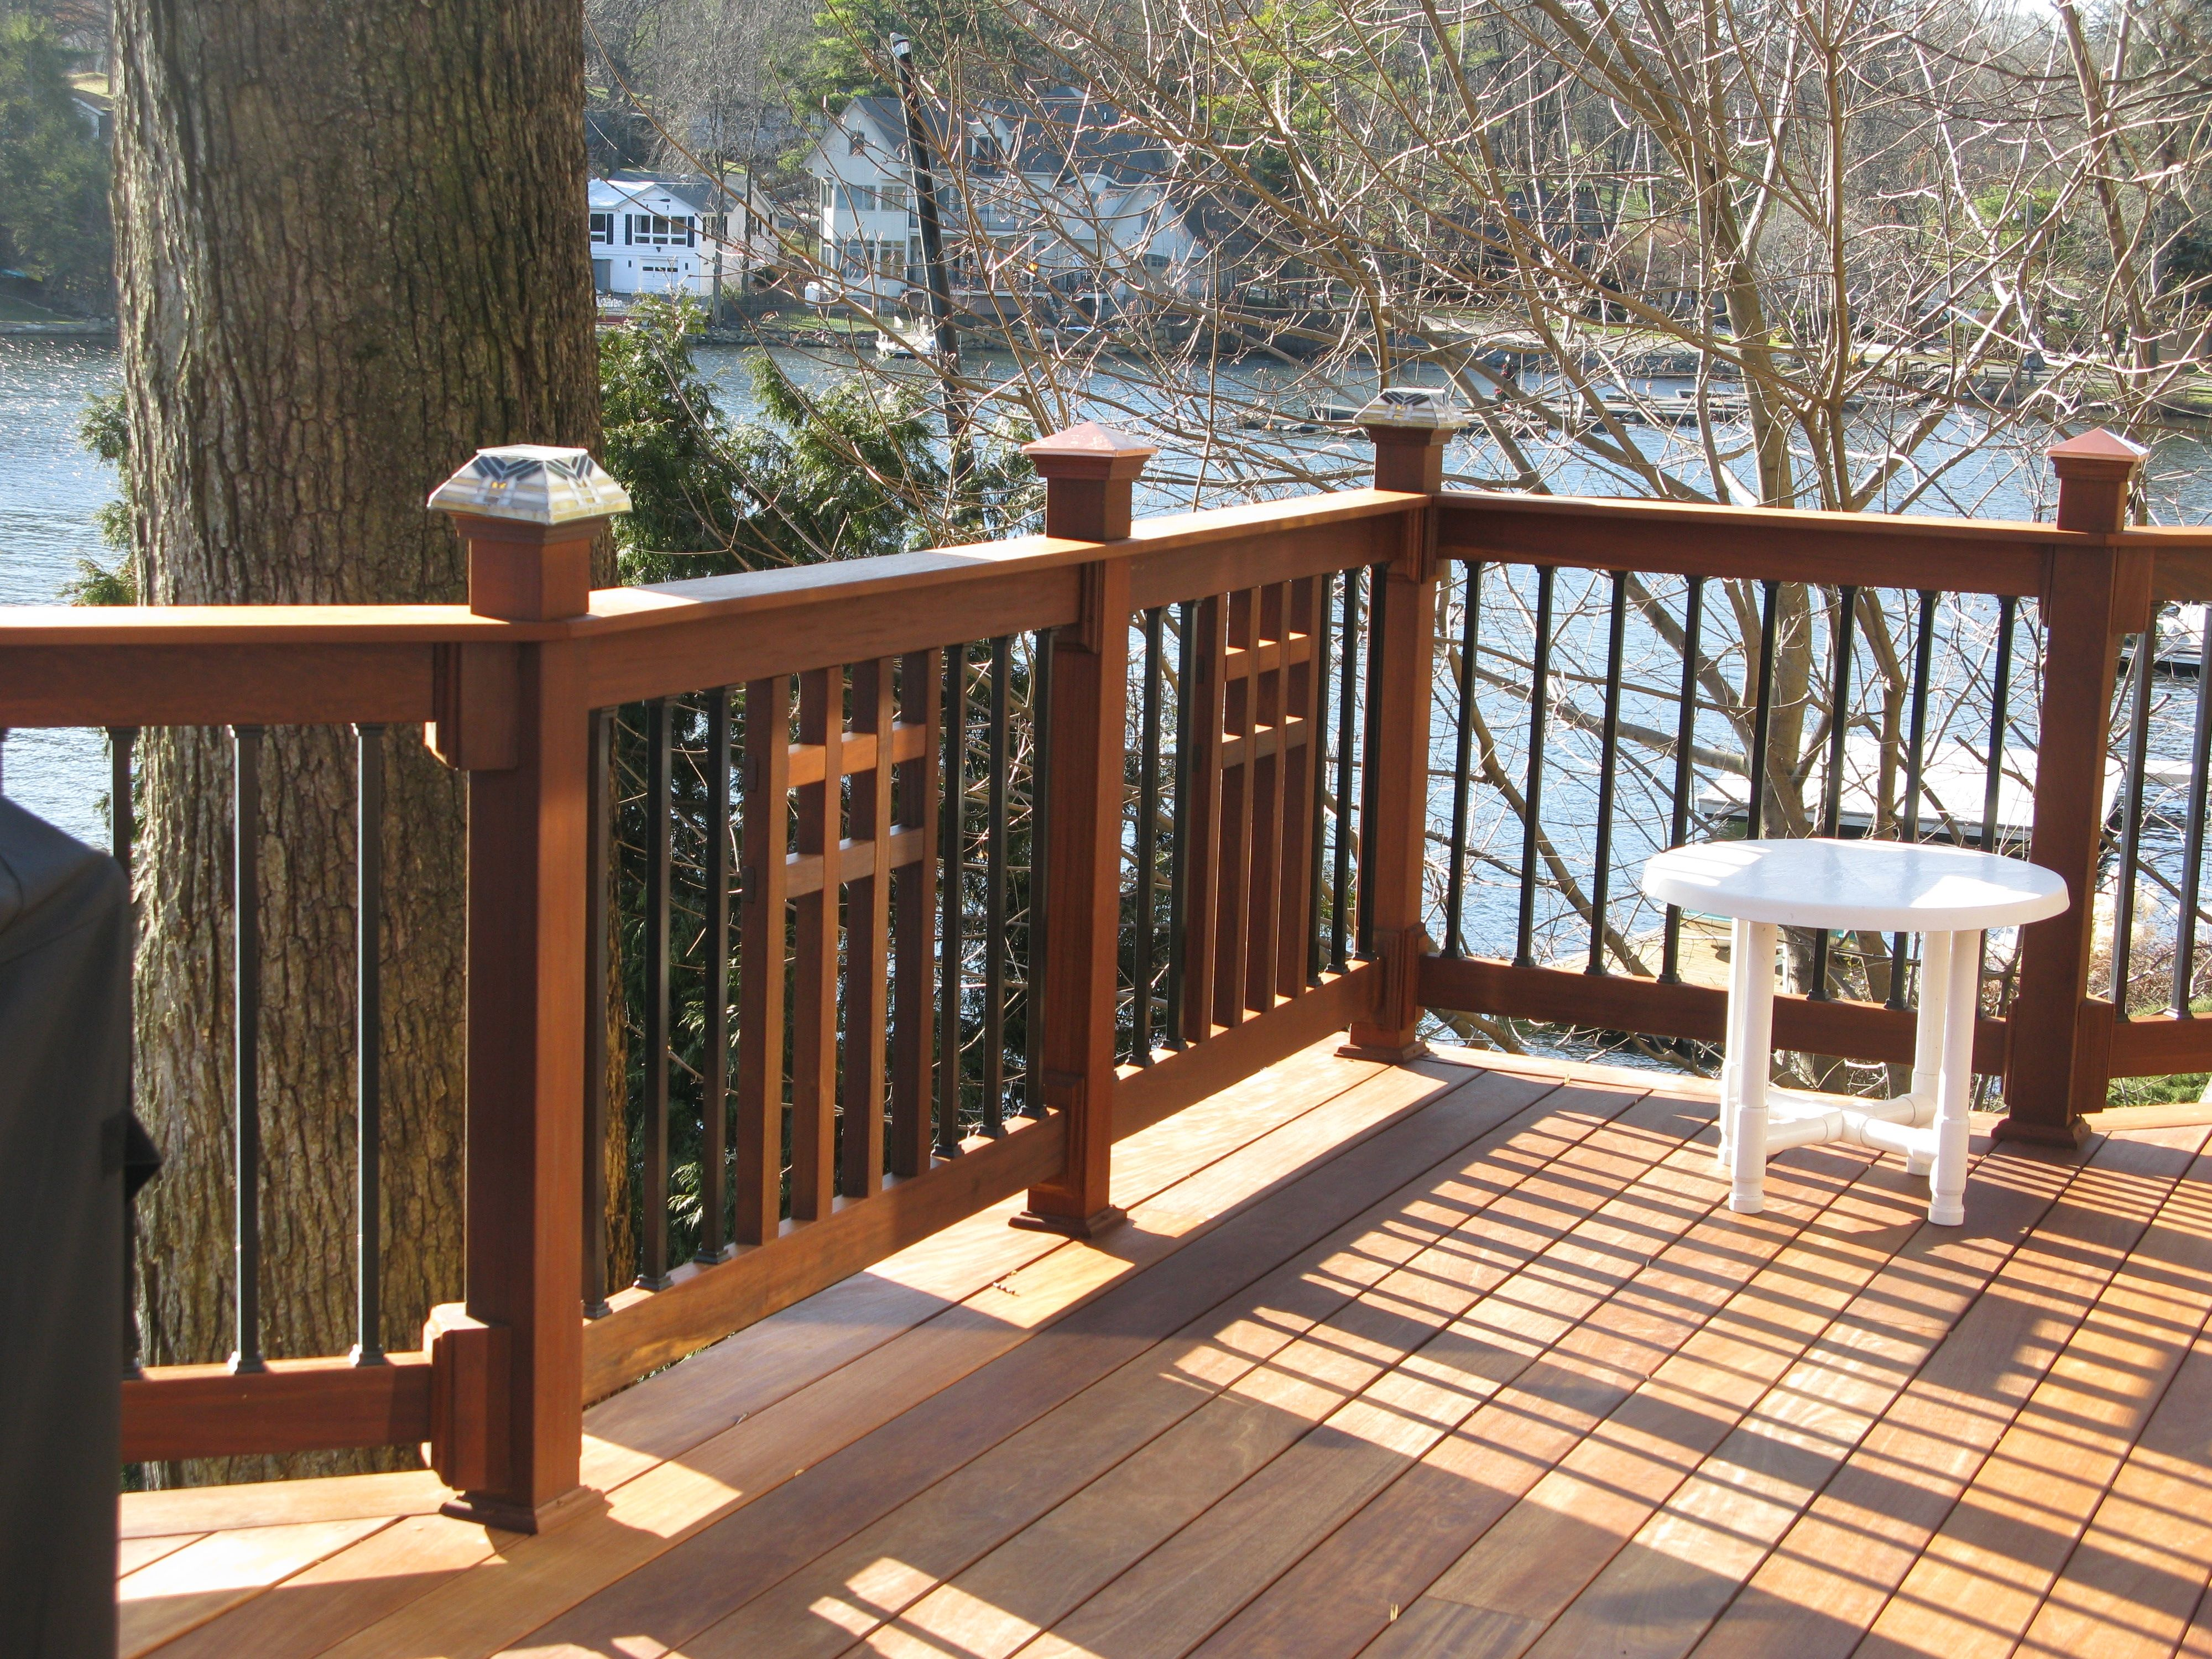 Best Home Design Craftsman Deck Railing Designs Beach Style 400 x 300